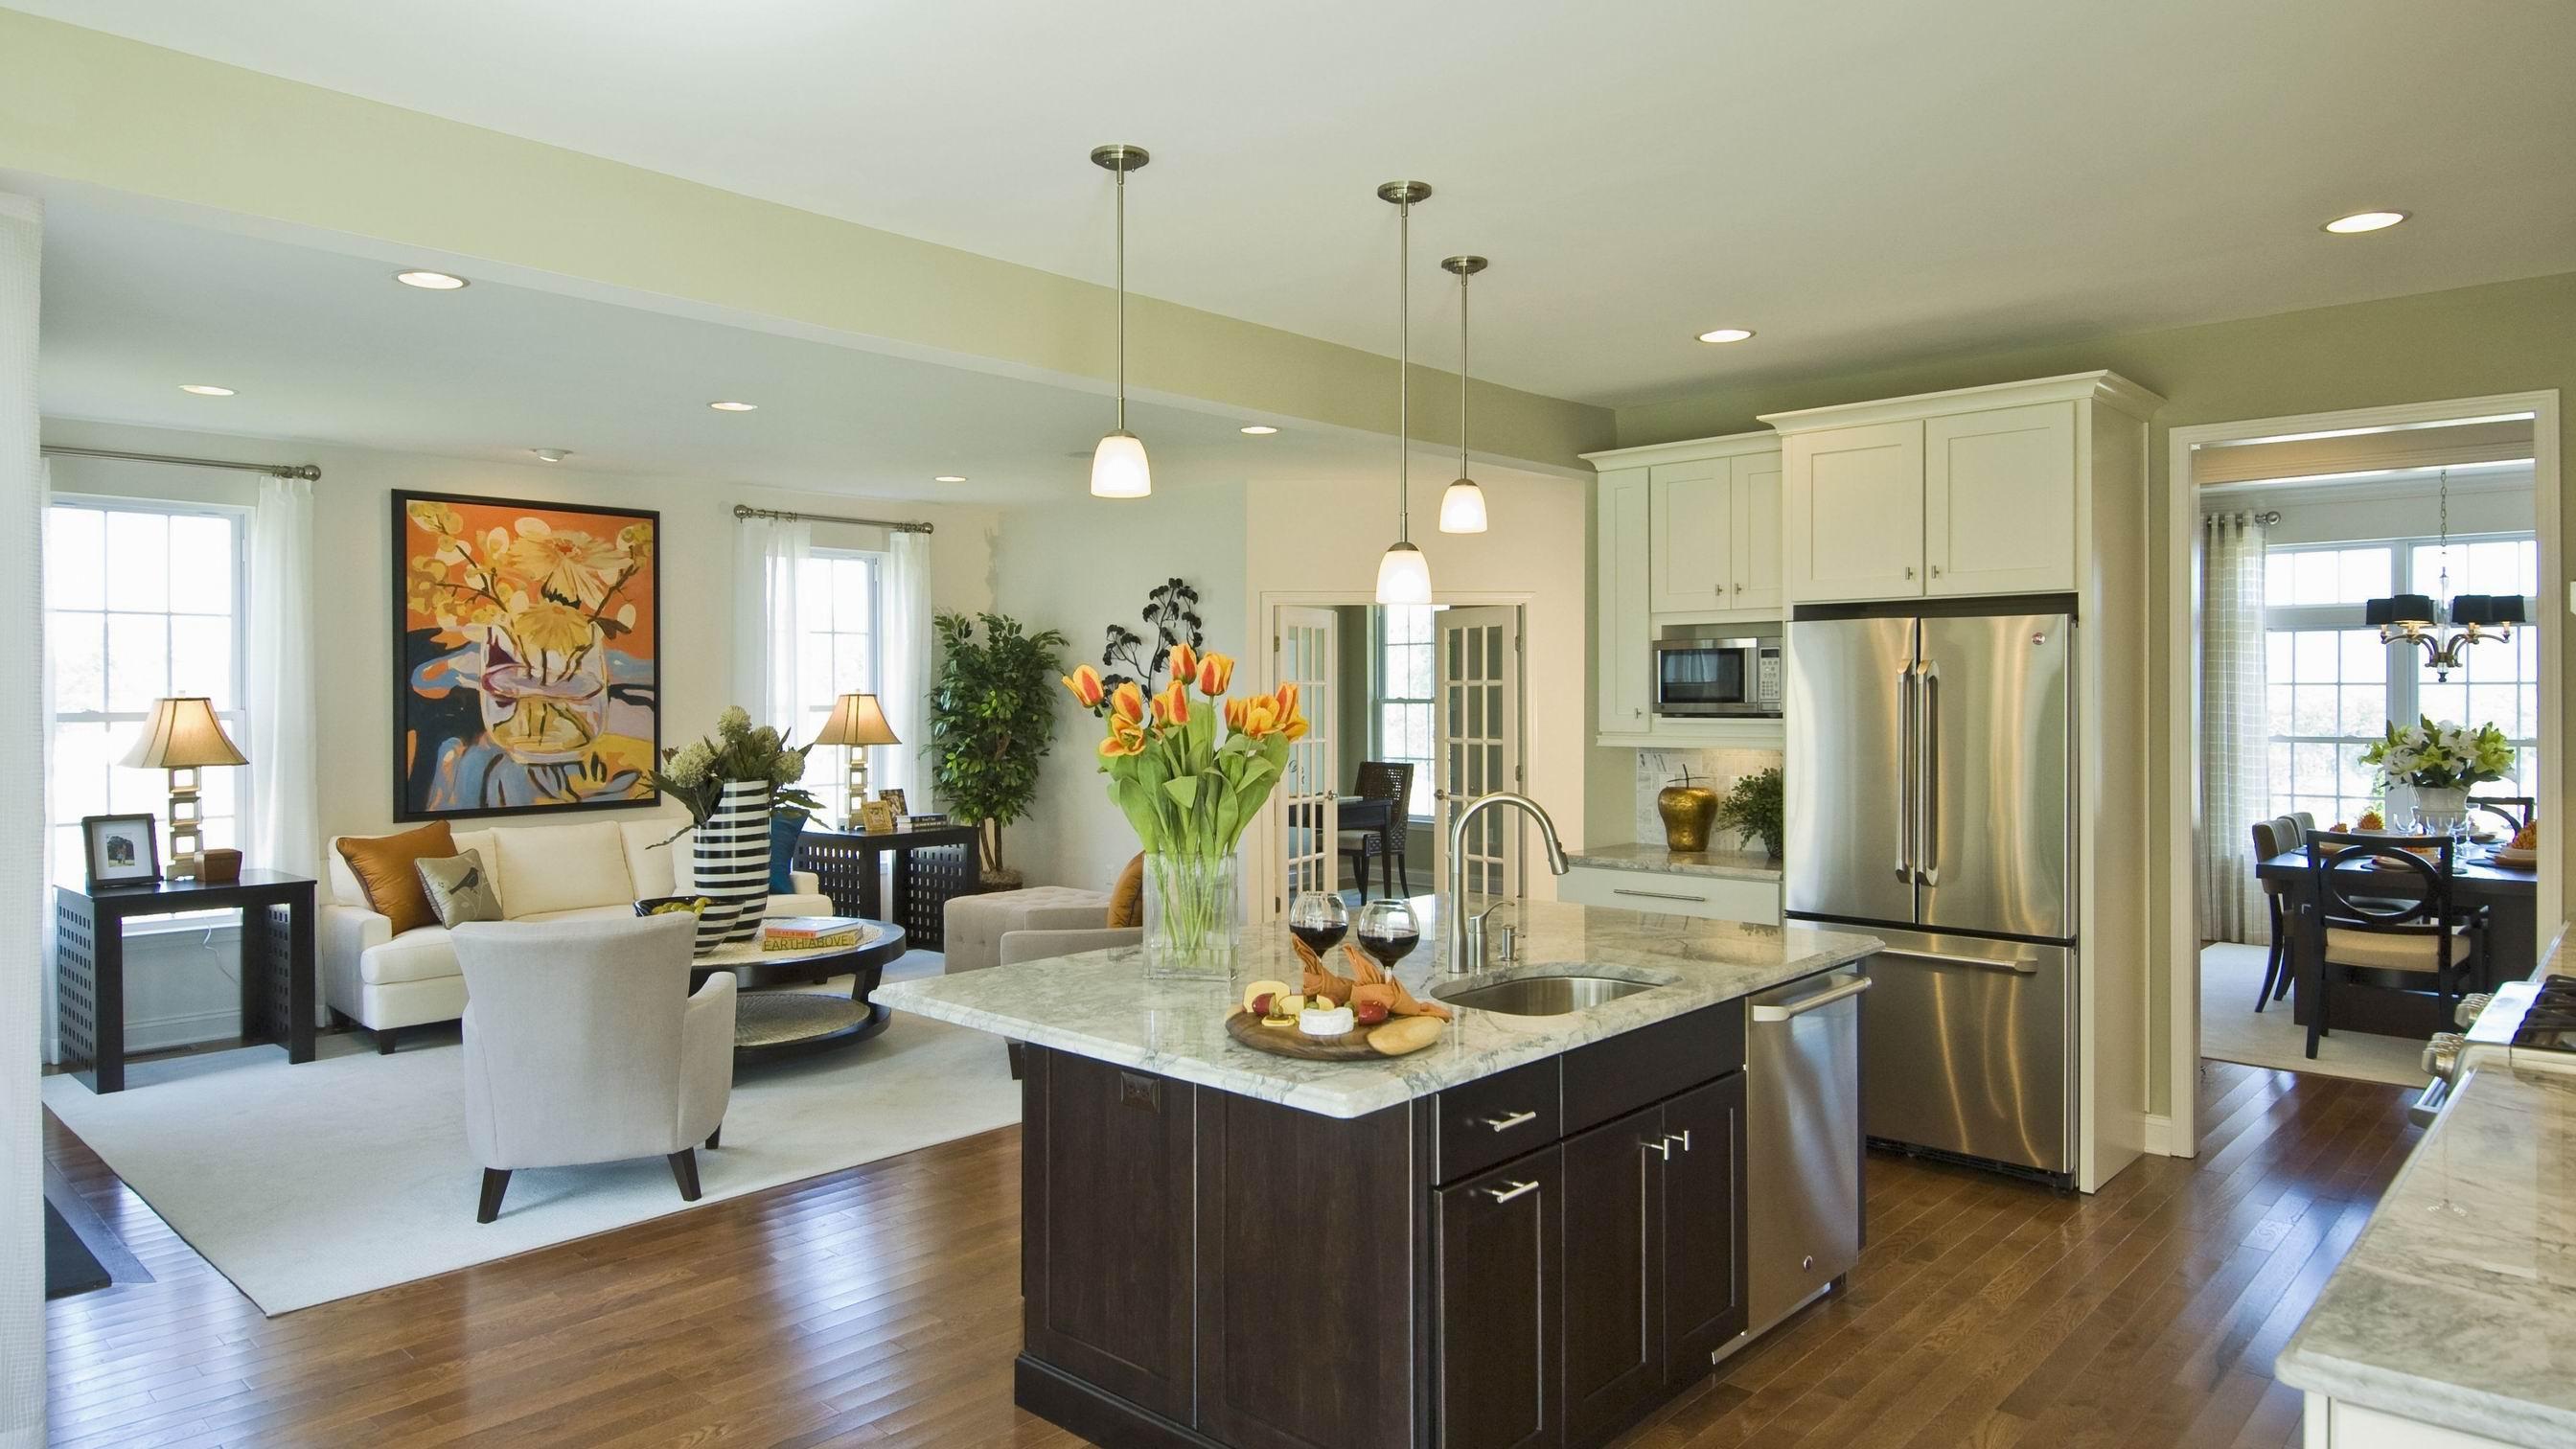 moderne-soft-lime-grøn-køkken-og-stue-med-moderne-house-interiør-design-køkken-ø-med-marmor-bordplade-og-moderne-hane-plus-vedhæng-lamper